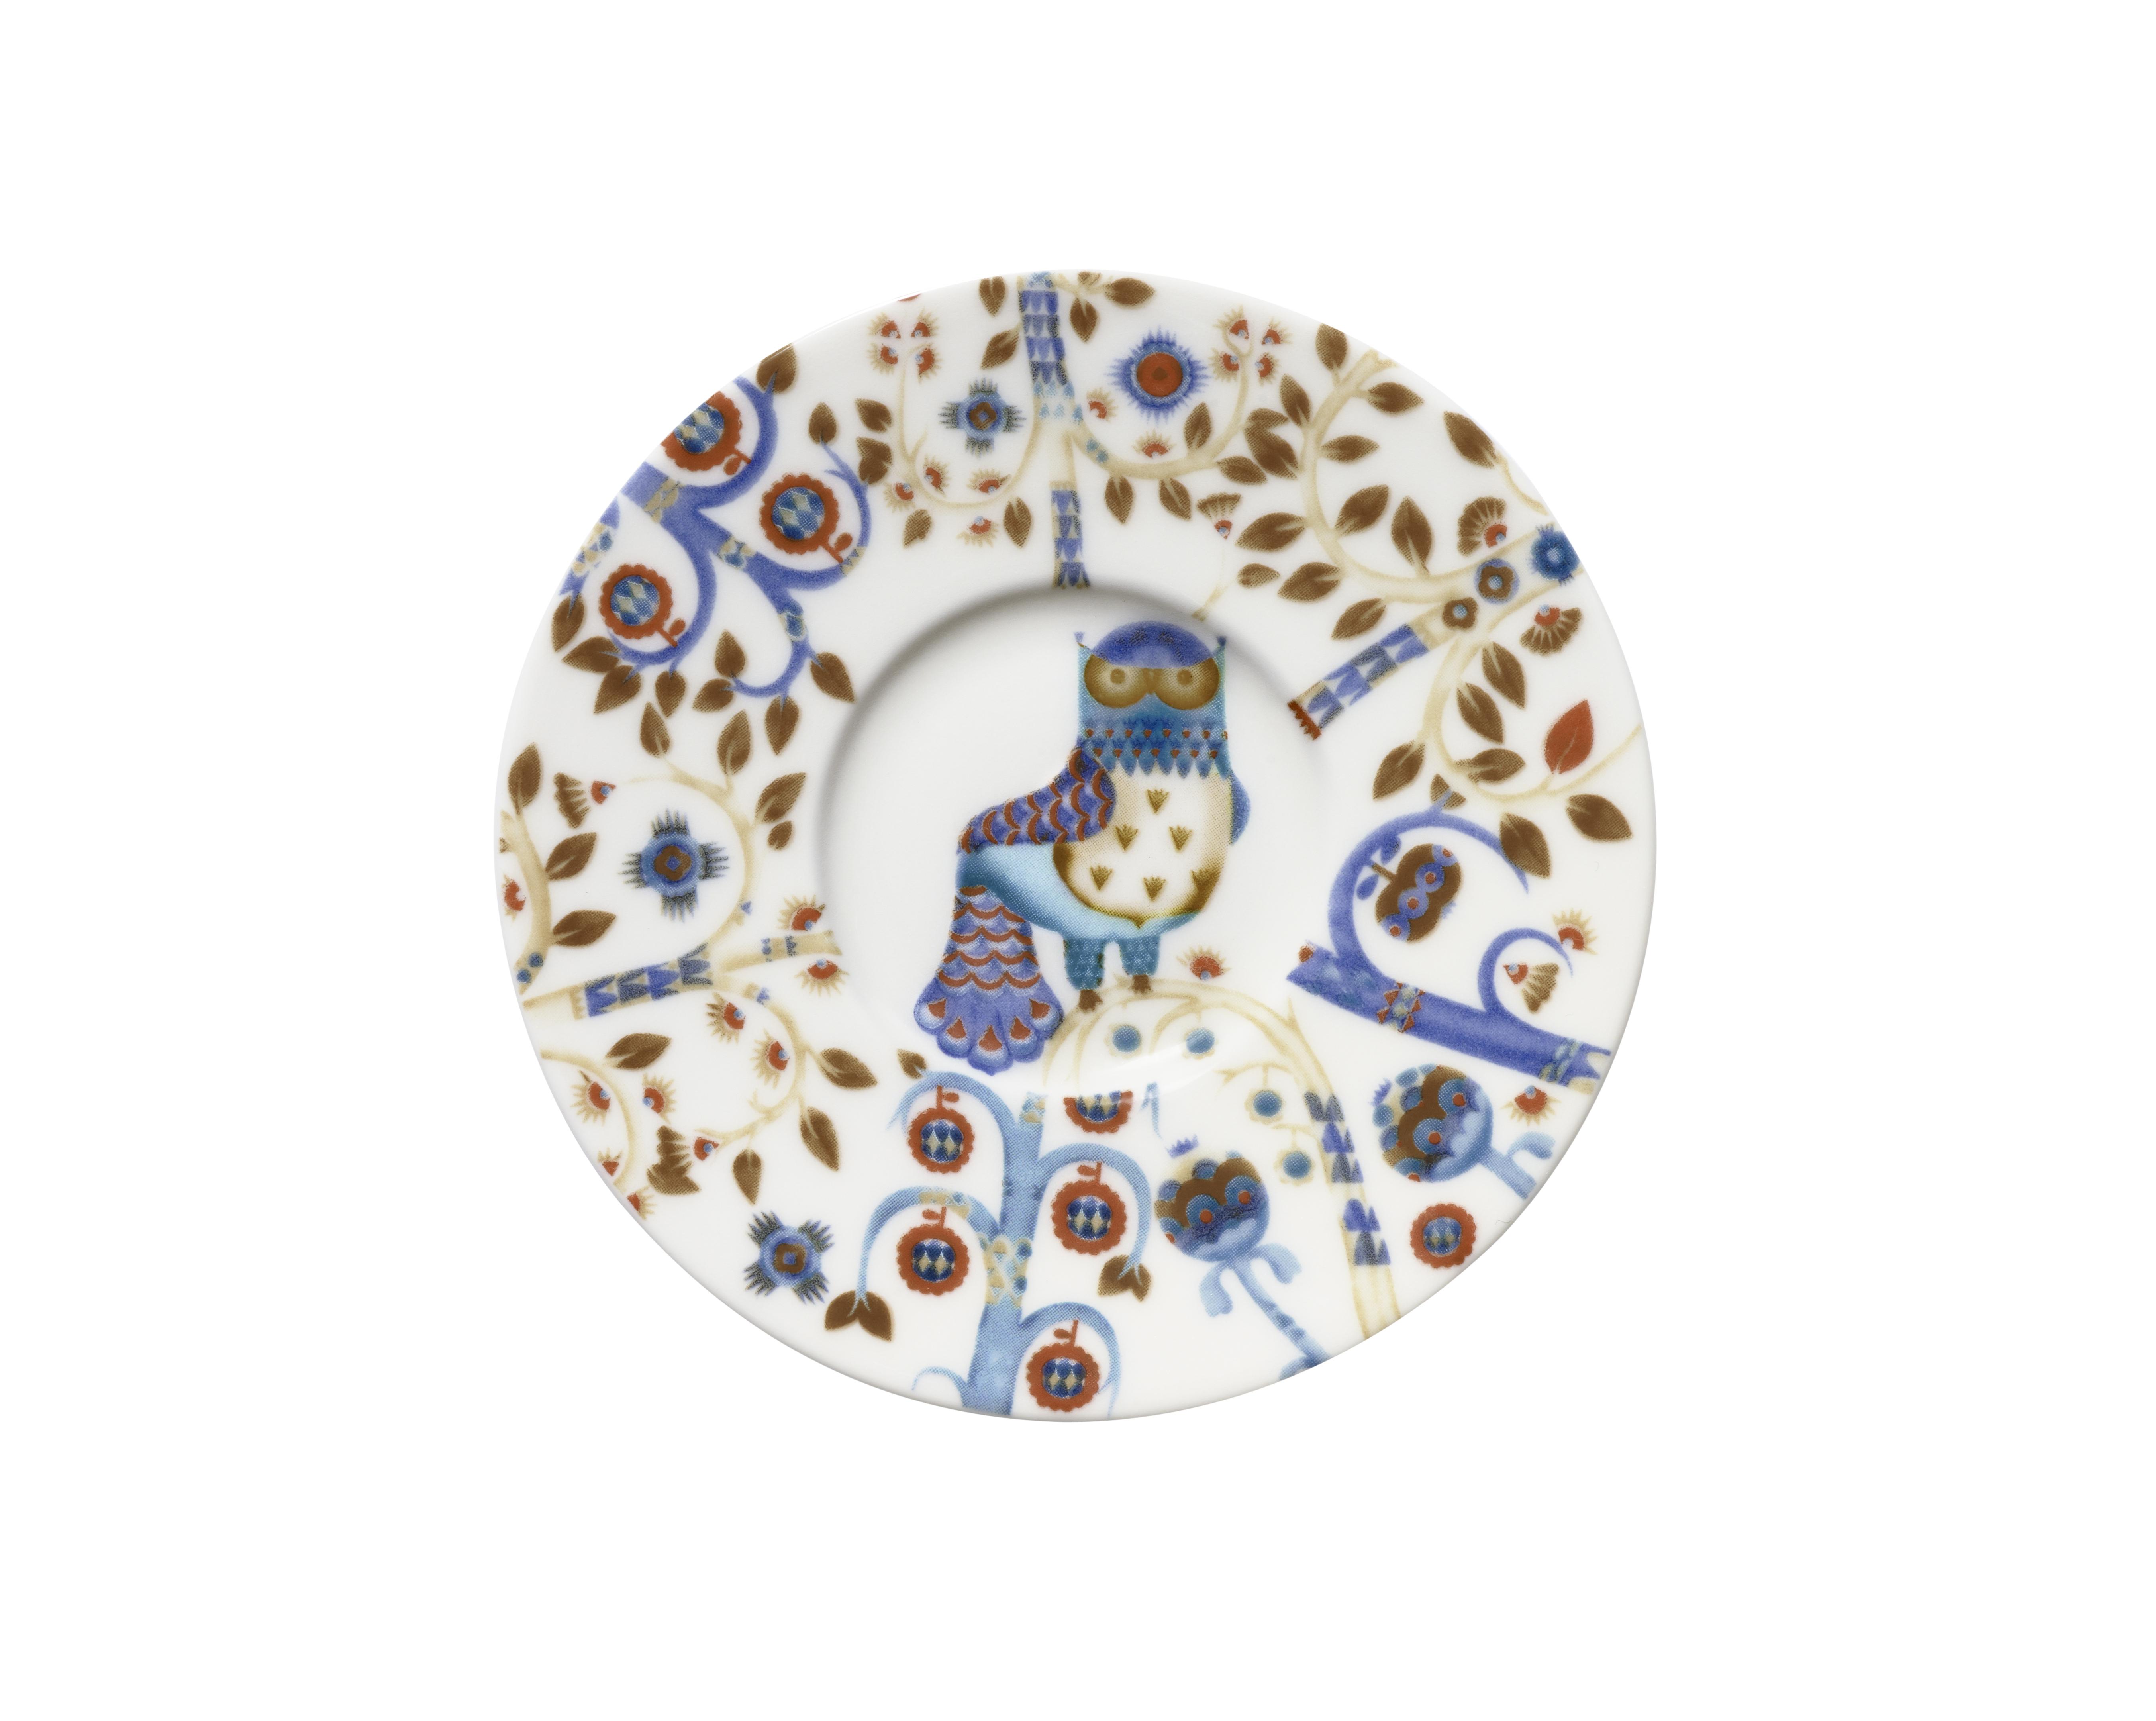 Блюдце под чашку для кофе эспрессо TaikaЧайные пары, чашки и кружки<br>На финском языке Taika означает «волшебство». Знаменитый финиский дизайнер и иллюстратор Klaus Haapaniemi хочет, чтобы его иллюстрации дали толчок вашему воображению. В сочетании с другими сериями Iittala, Taika позволяет прикоснуться к миру фантазии, впустить волшебство в нашу повседневную жизнь.<br><br>Material: Фарфор<br>Length см: None<br>Width см: None<br>Depth см: None<br>Height см: 1<br>Diameter см: 11